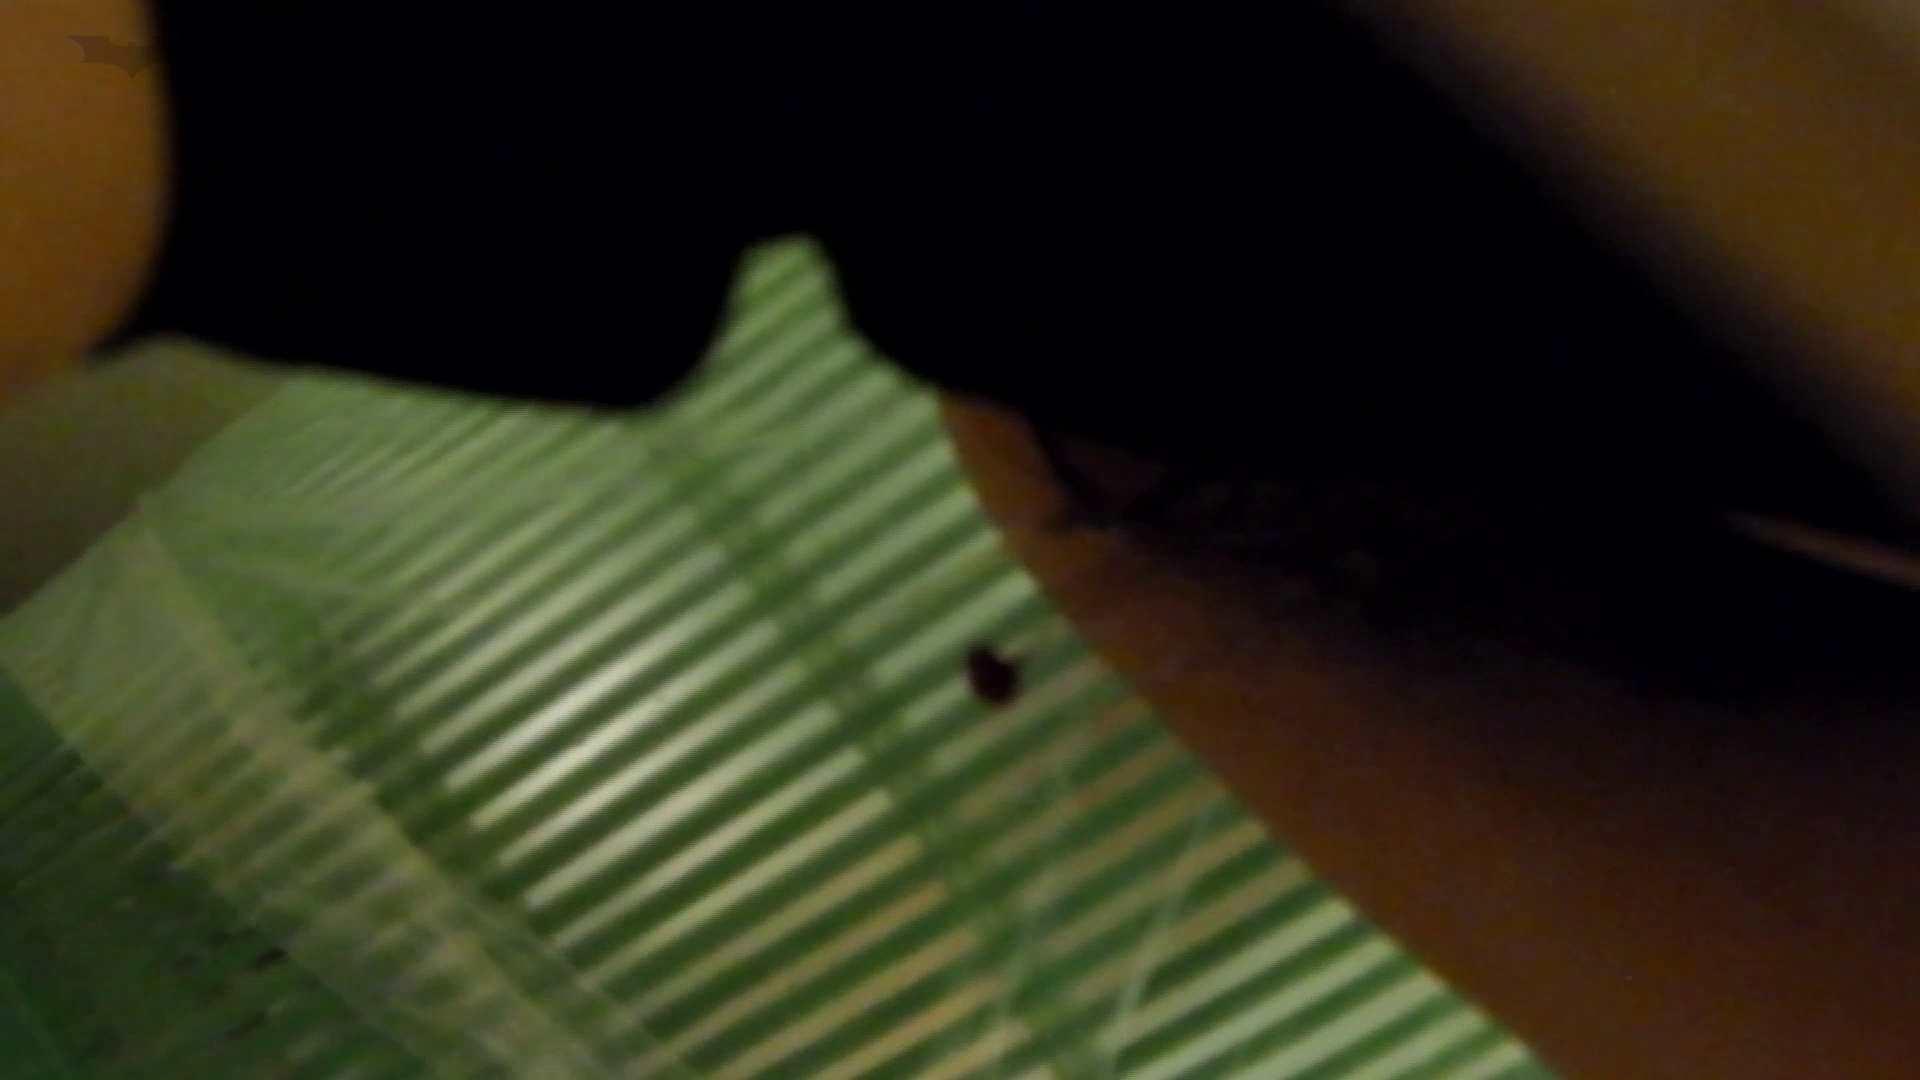 新世界の射窓 No78 トリンドル 玲奈似登場シリーズ美女率最高作! 高画質 AV動画キャプチャ 103画像 64